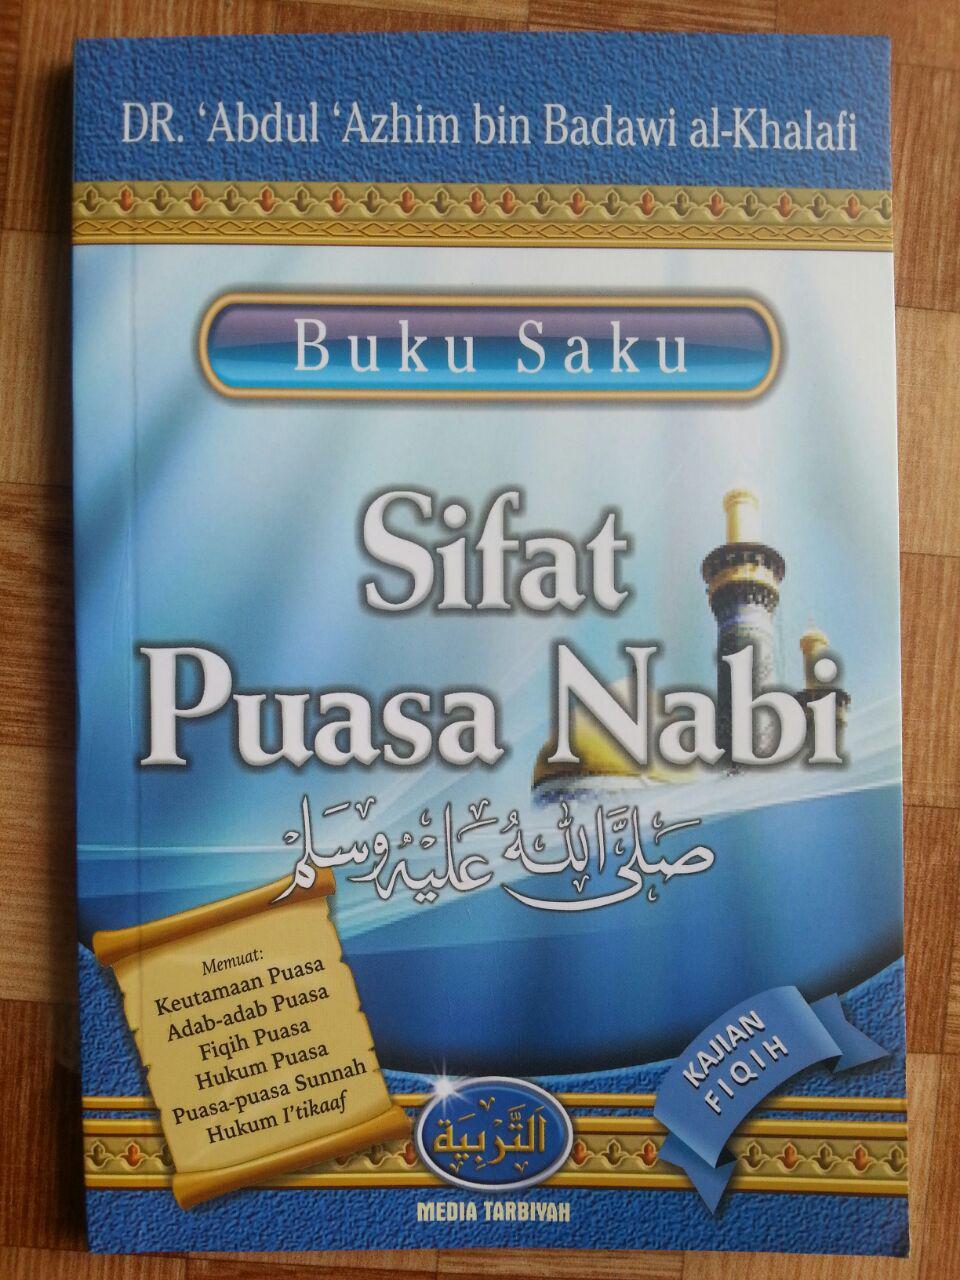 Buku Saku Sifat Puasa Nabi cover 2